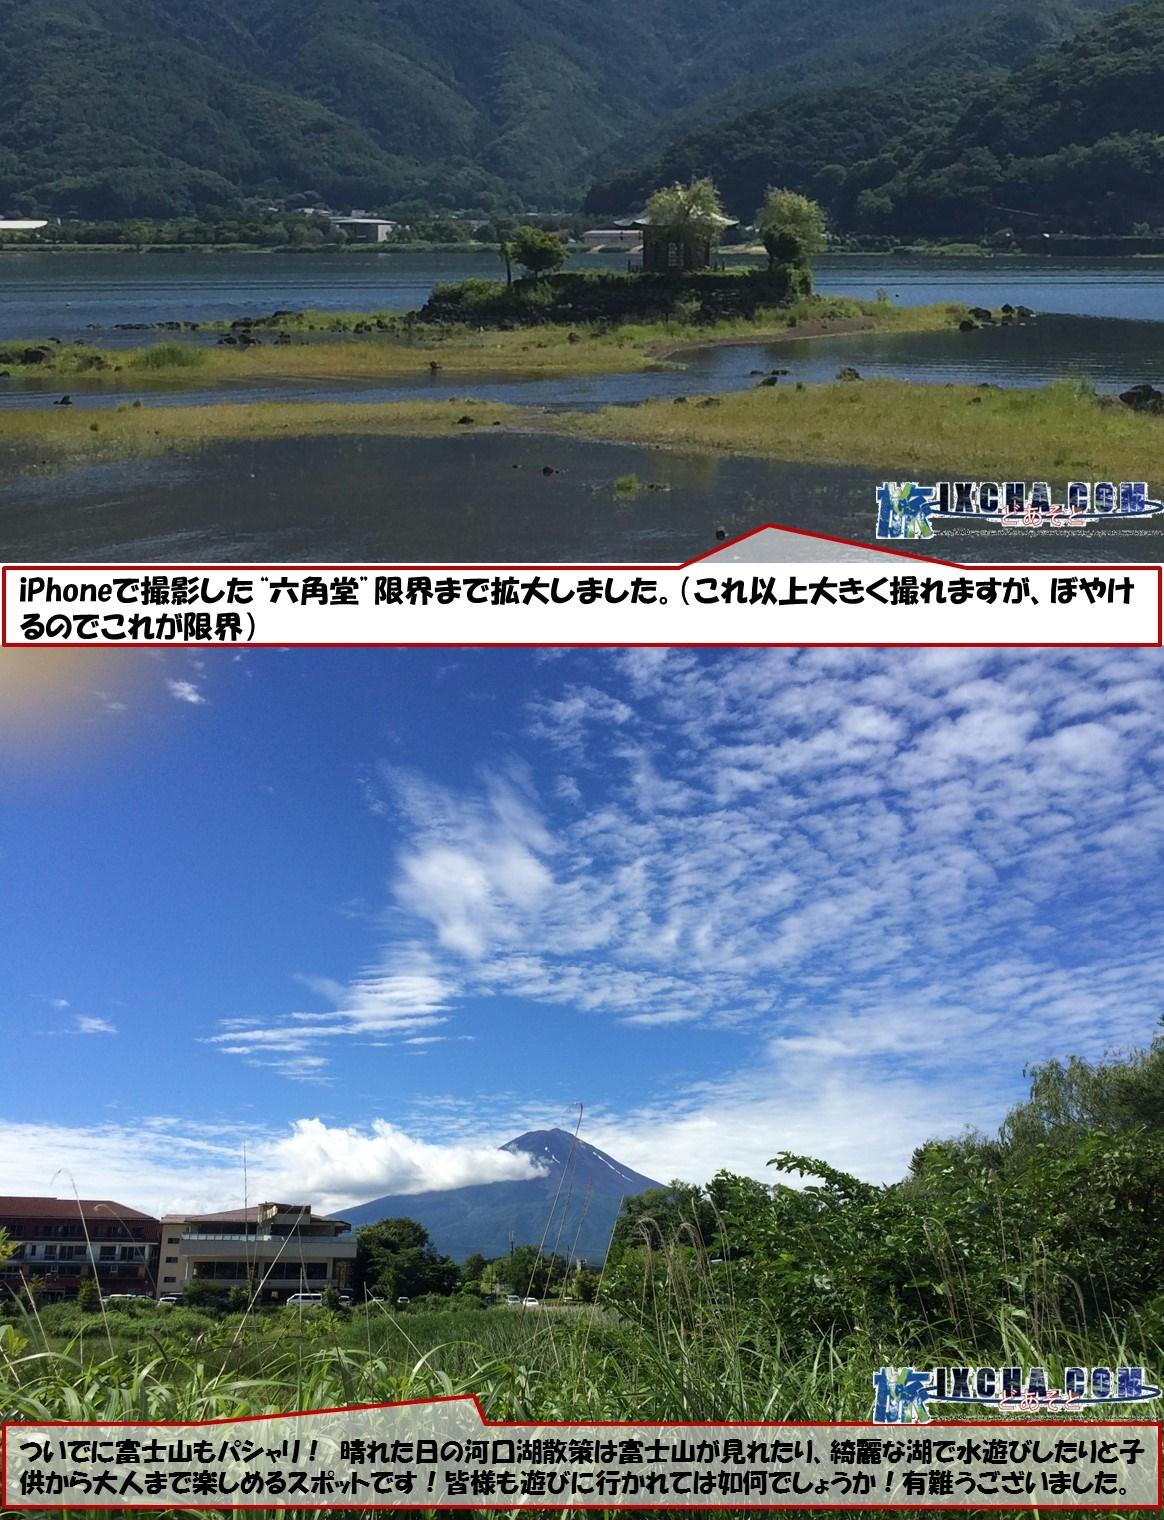 """iPhoneで撮影した""""六角堂""""限界まで拡大しました。(これ以上大きく撮れますが、ぼやけるのでこれが限界) ついでに富士山もパシャリ! 晴れた日の河口湖散策は富士山が見れたり、綺麗な湖で水遊びしたりと子供から大人まで楽しめるスポットです!皆様も遊びに行かれては如何でしょうか!有難うございました。"""